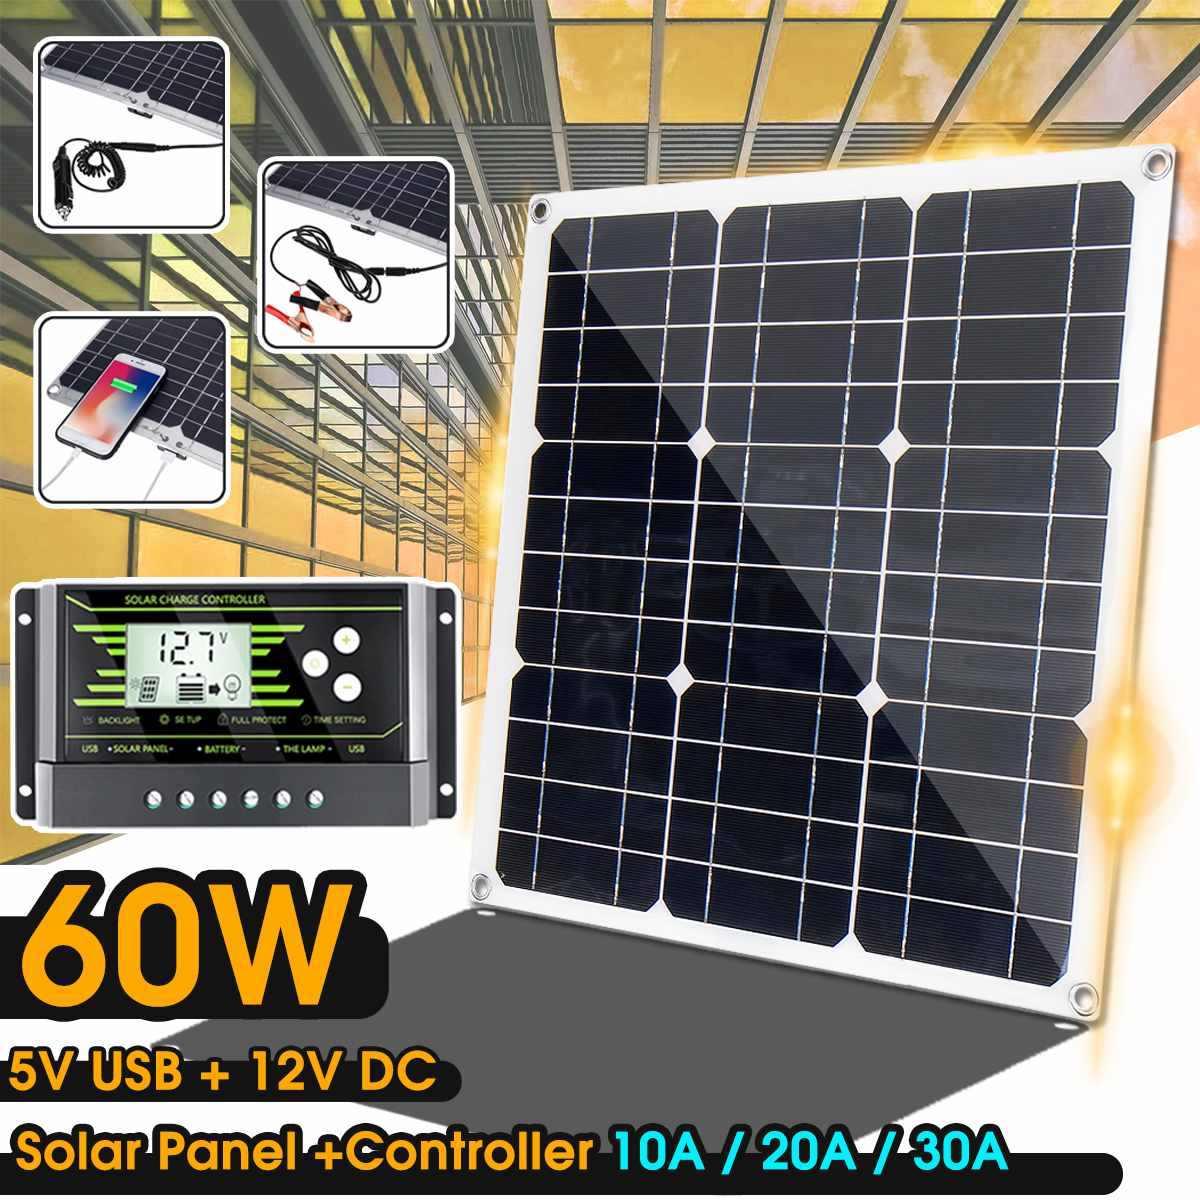 60 Вт солнечная панель 12 В/5 В двойной USB + 10/20/30A двойной USB контроллер солнечной панели и т. Д. Для автомобиля яхты RV огни зарядки